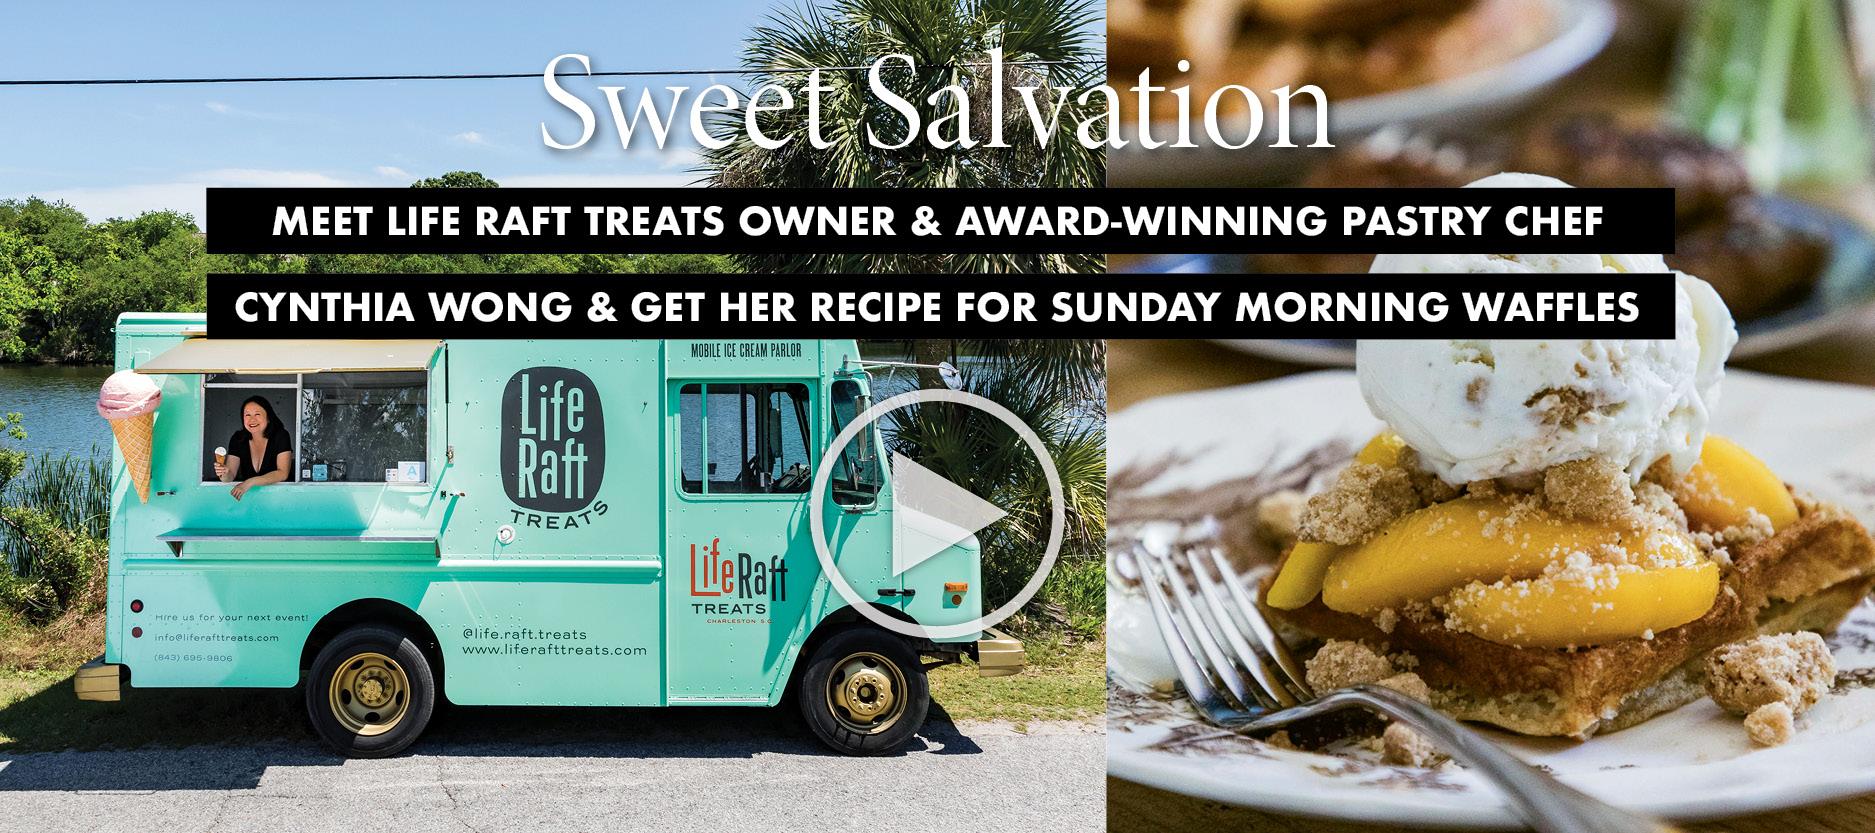 Cynthia Wong Profile & her Sunday Waffles & Ice Cream recipe